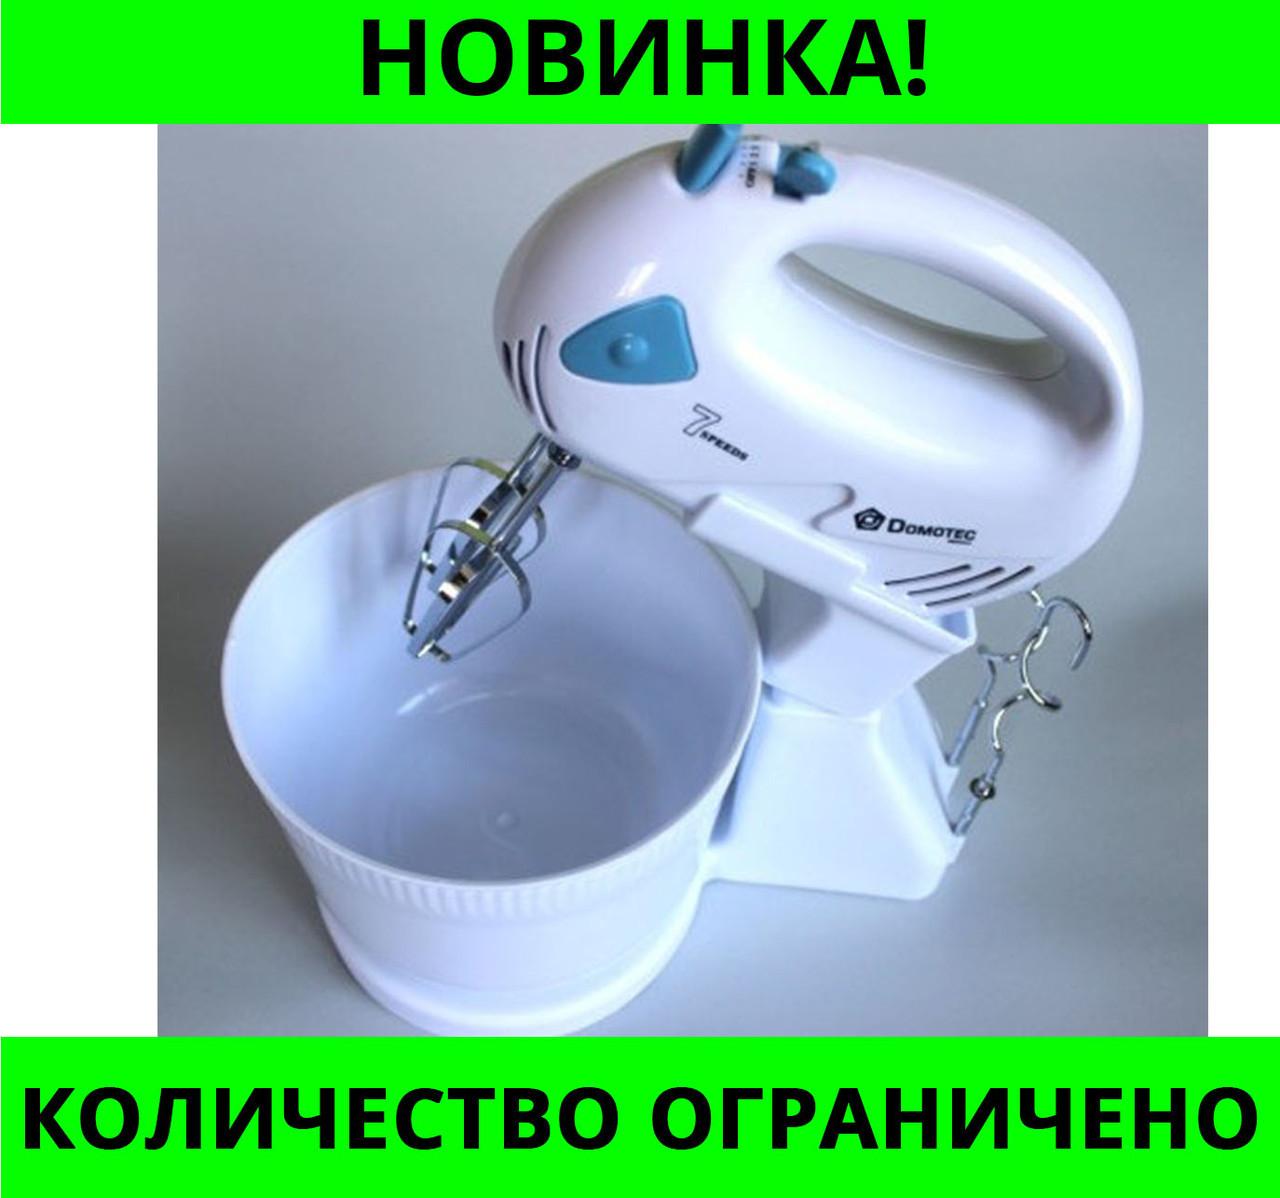 Ручной миксер Domotec MS-161 с чашей и подставкой!Розница и Опт